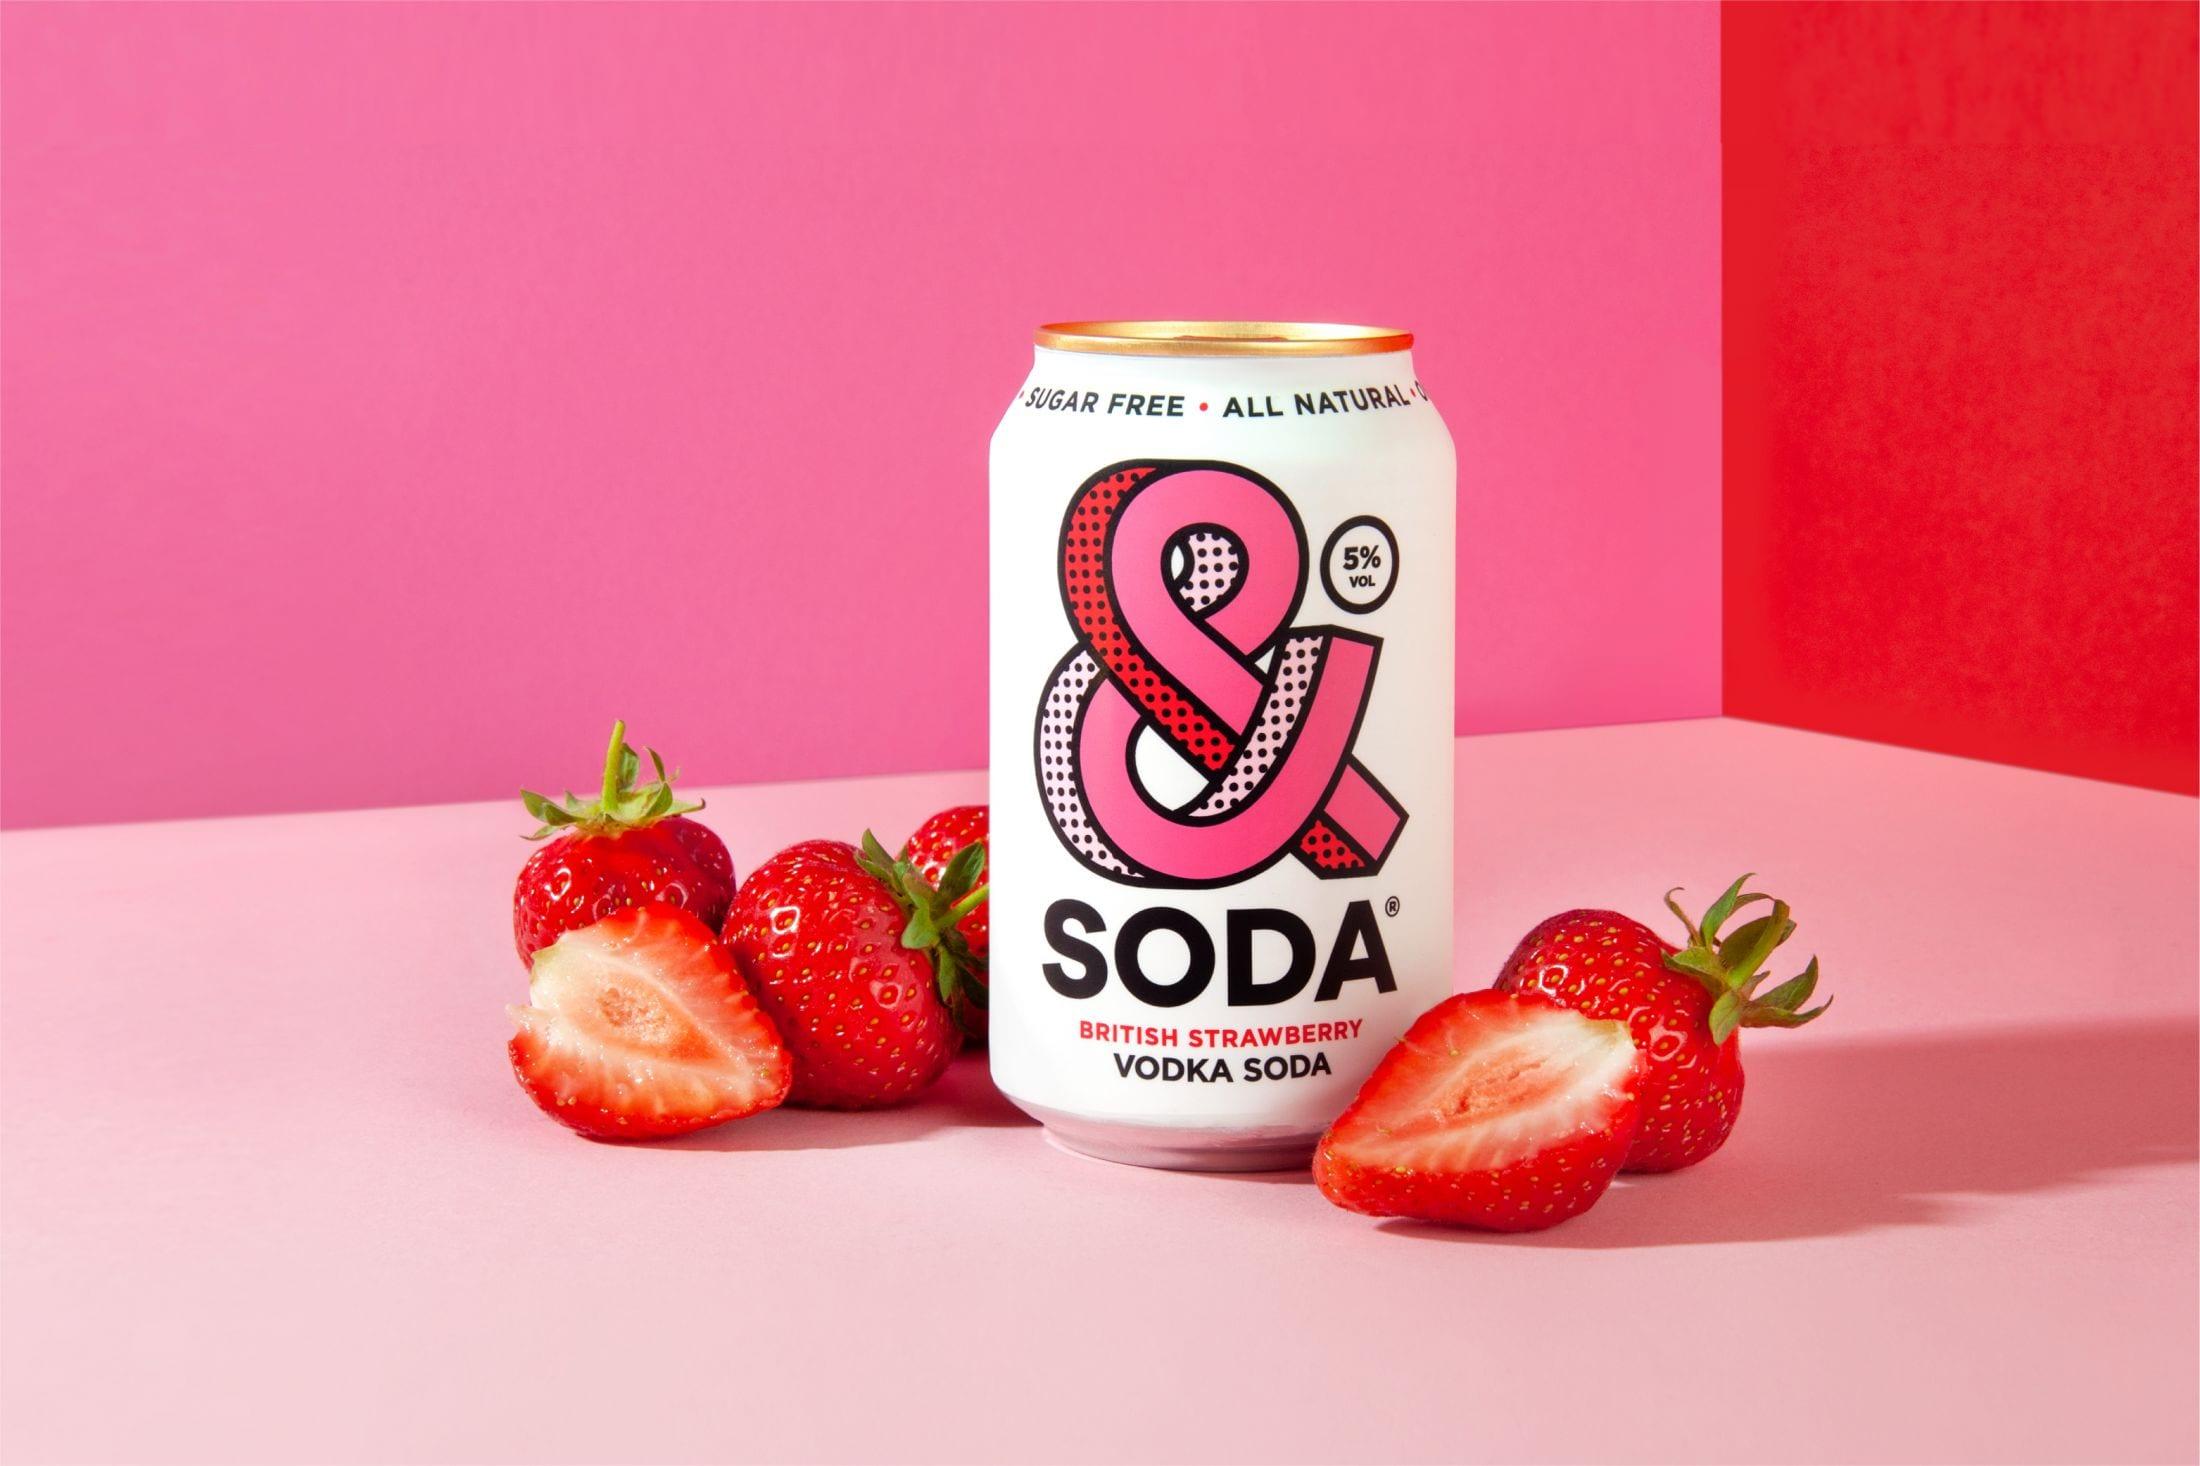 """47ed3b30fe1d6d8be0a1bf4a99349c56cc56d224 2200 - Svěží a ovocná identita pro novou alternativu """"čistého pití"""" &Soda od společnosti Analogue"""